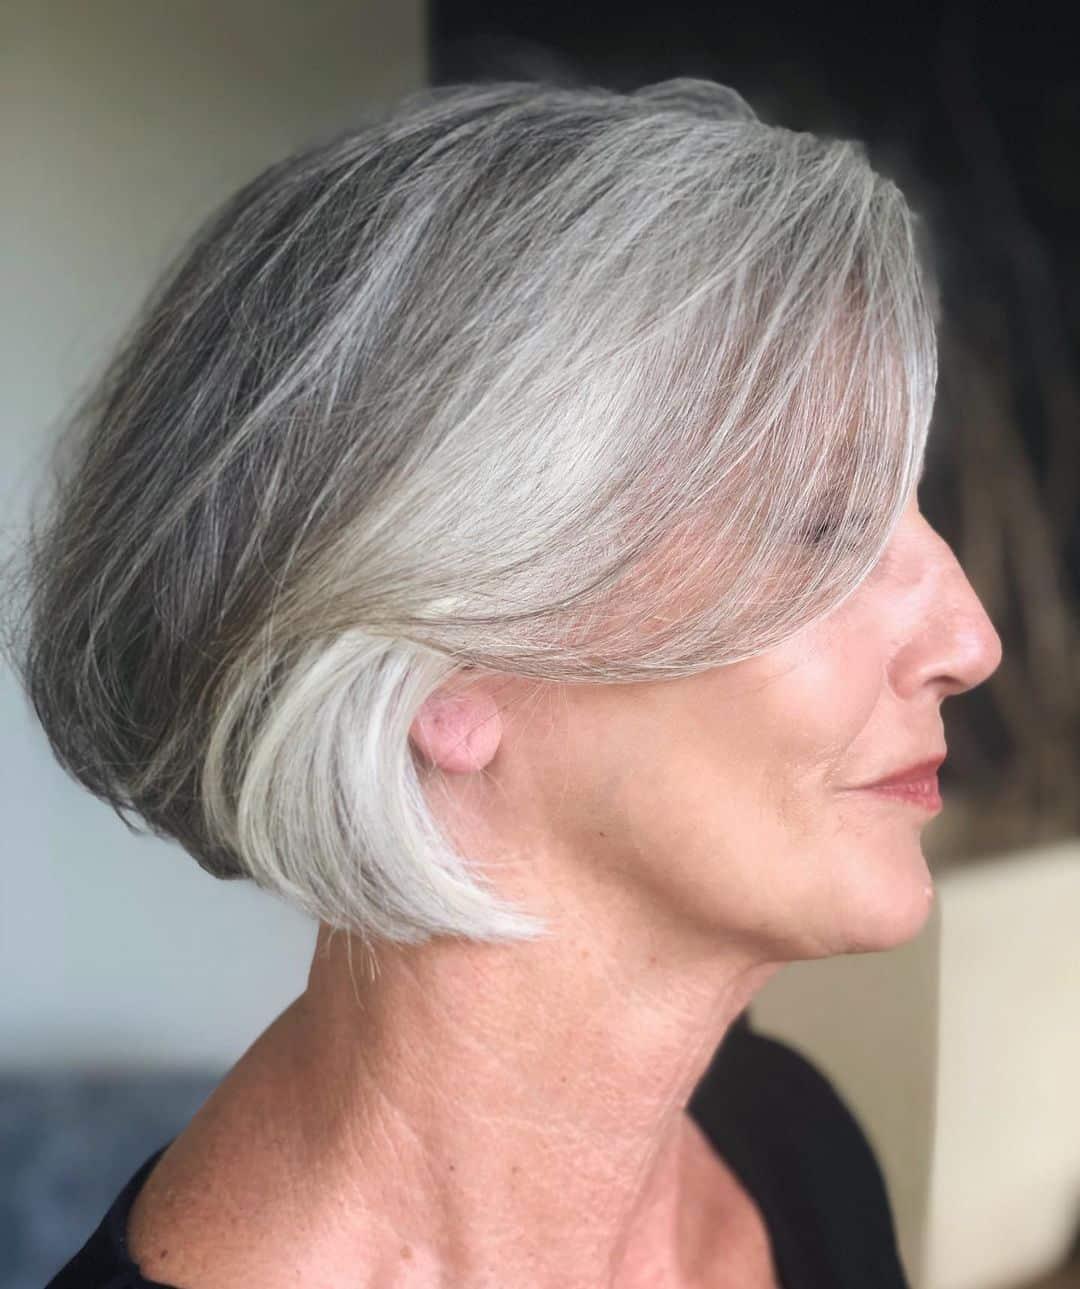 Pics ladies mature older Ukrainian women